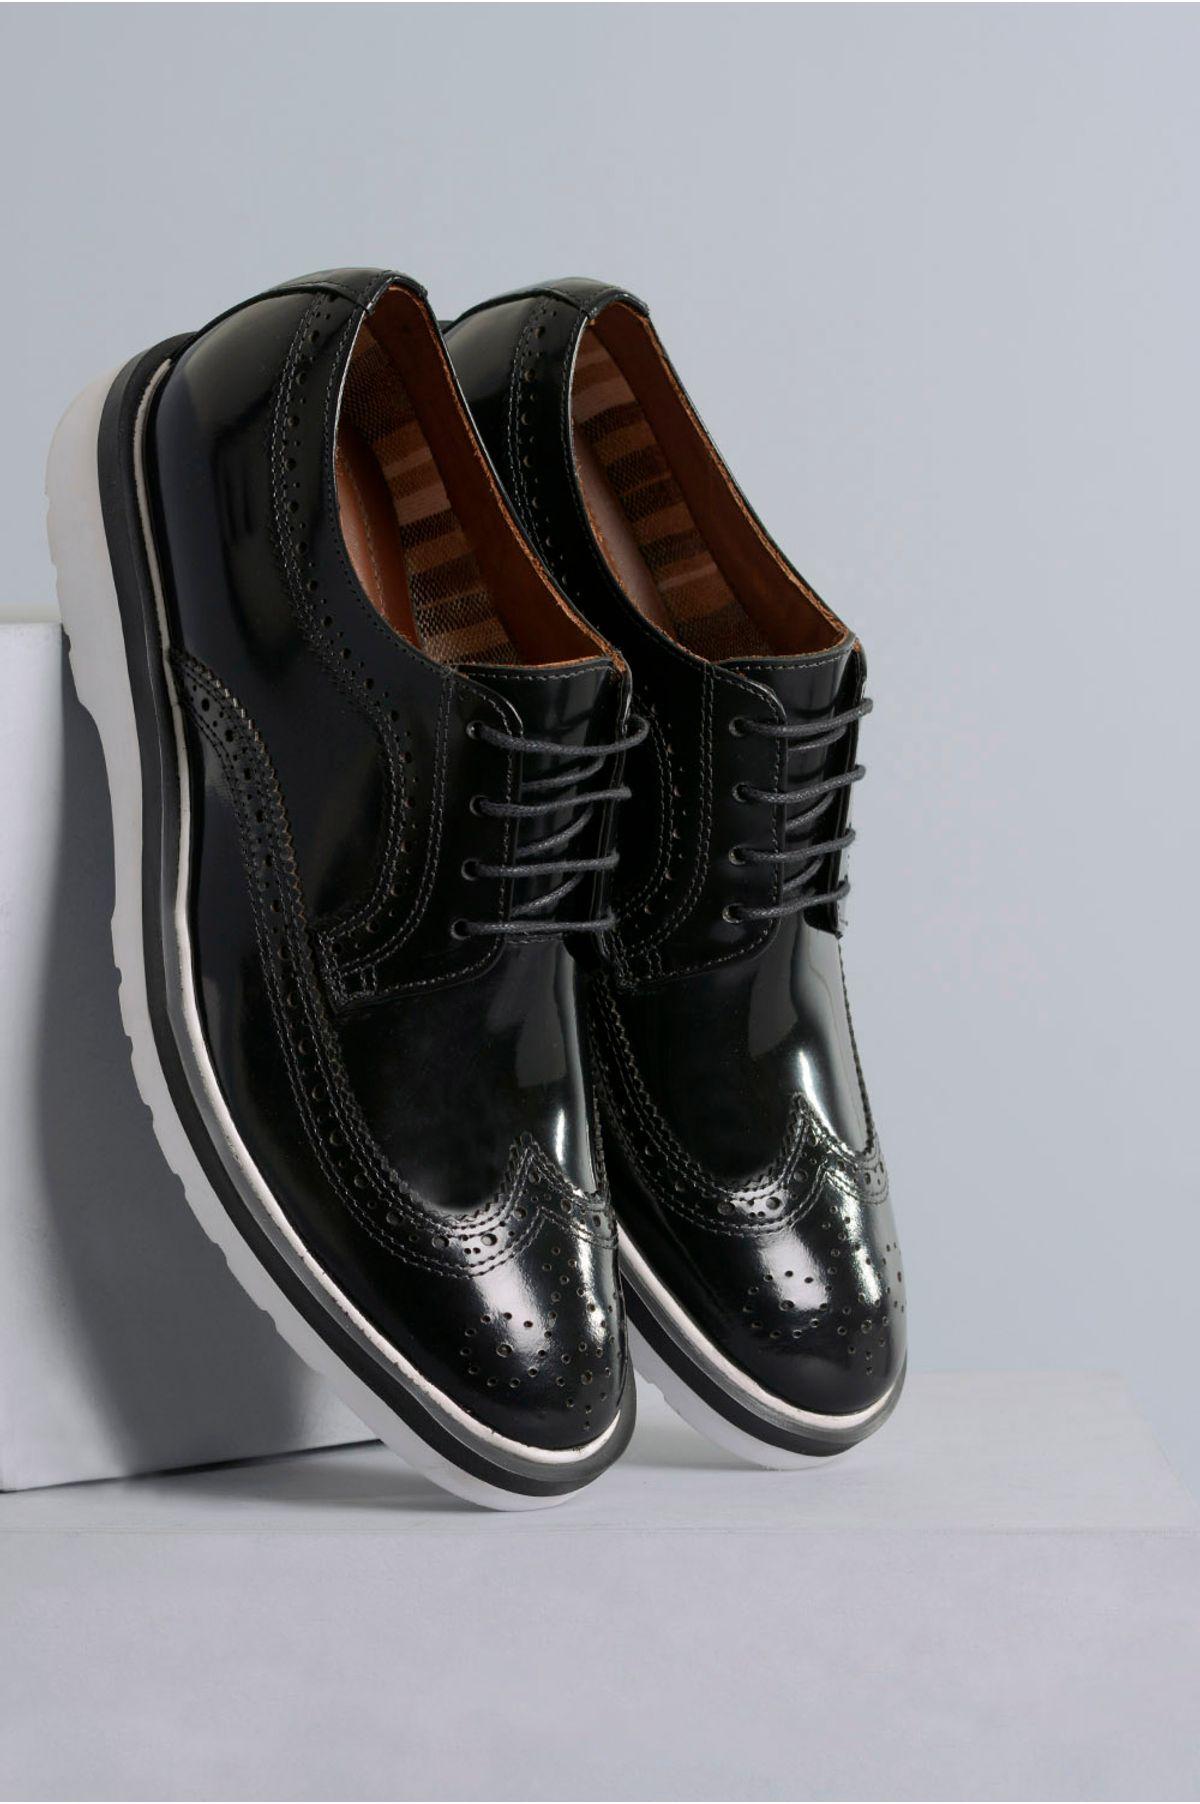 5cf98bcc09 Sapato Masculino Eduardo Mundial CR-PRETO - Mundial Calçados